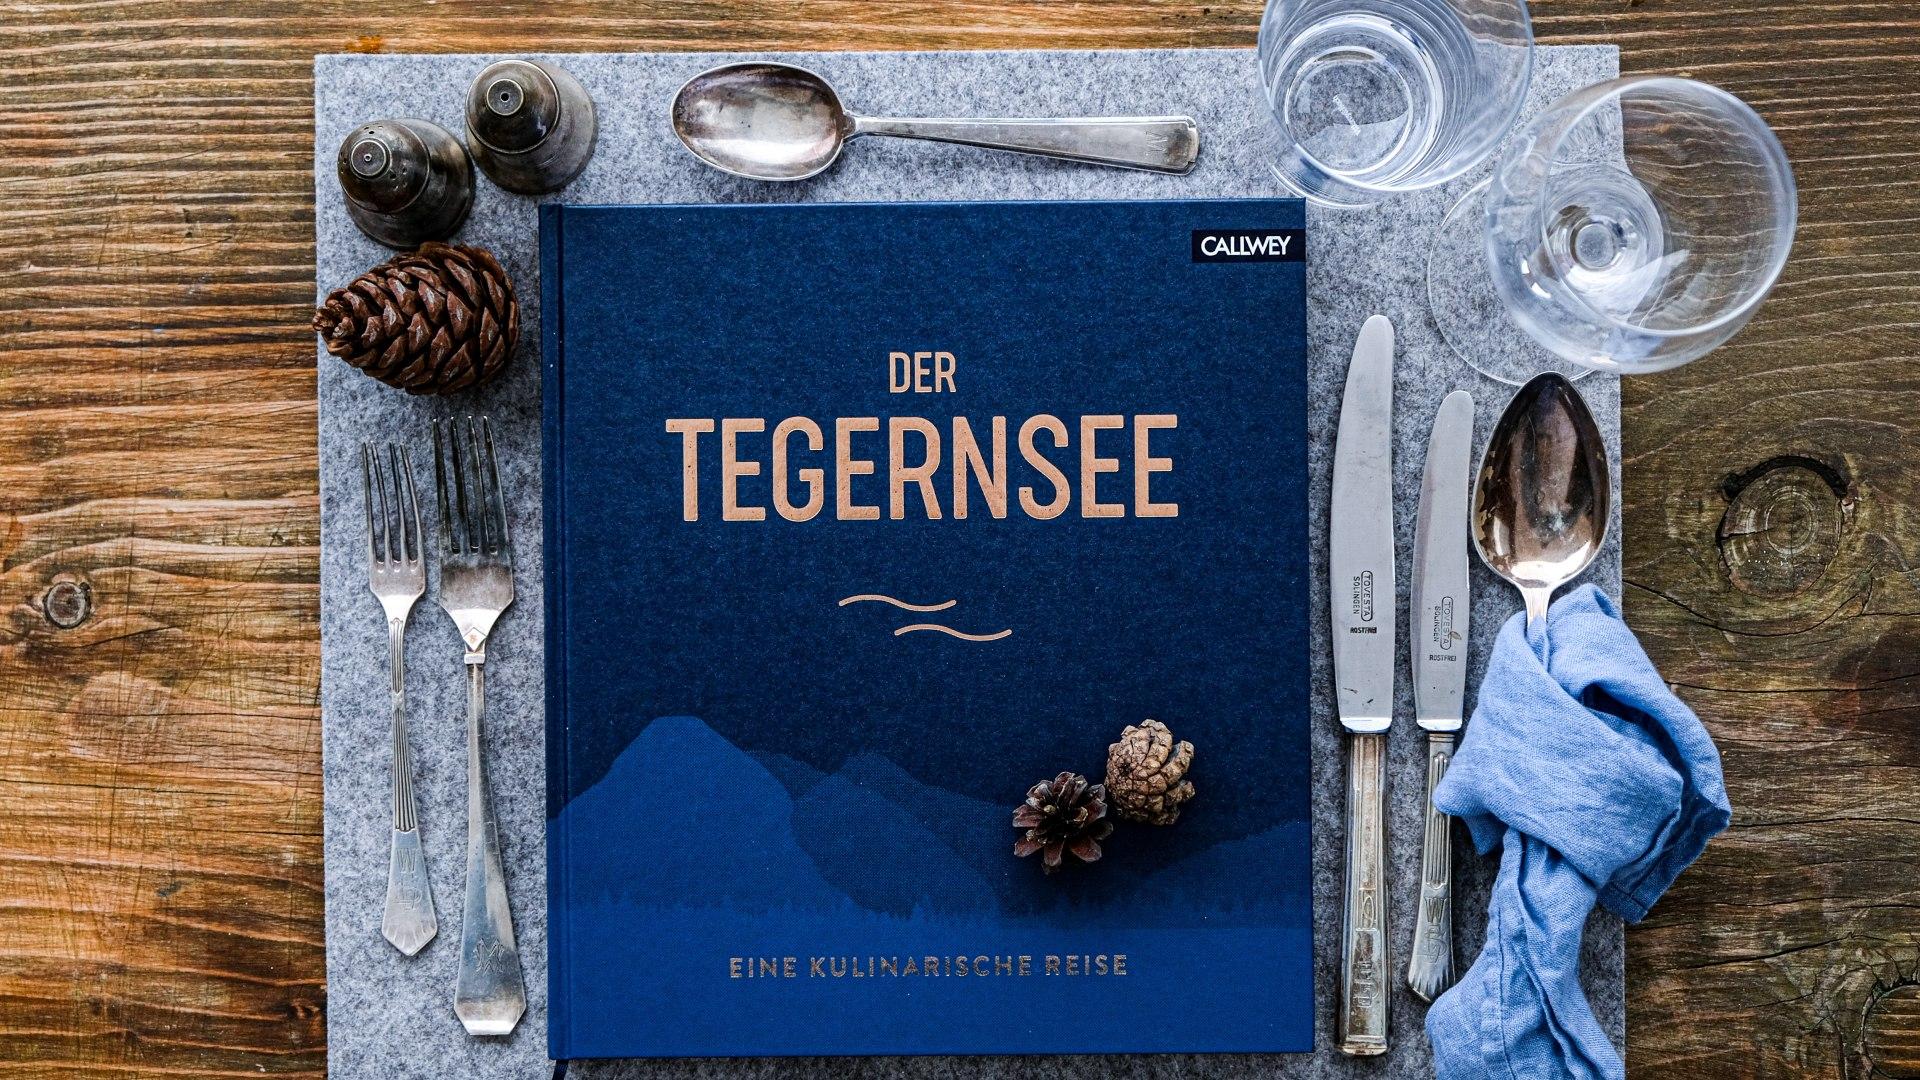 Das Kochbuch DER TEGERNSEE - eine kulinarische Reise, © Anya Rüngeler